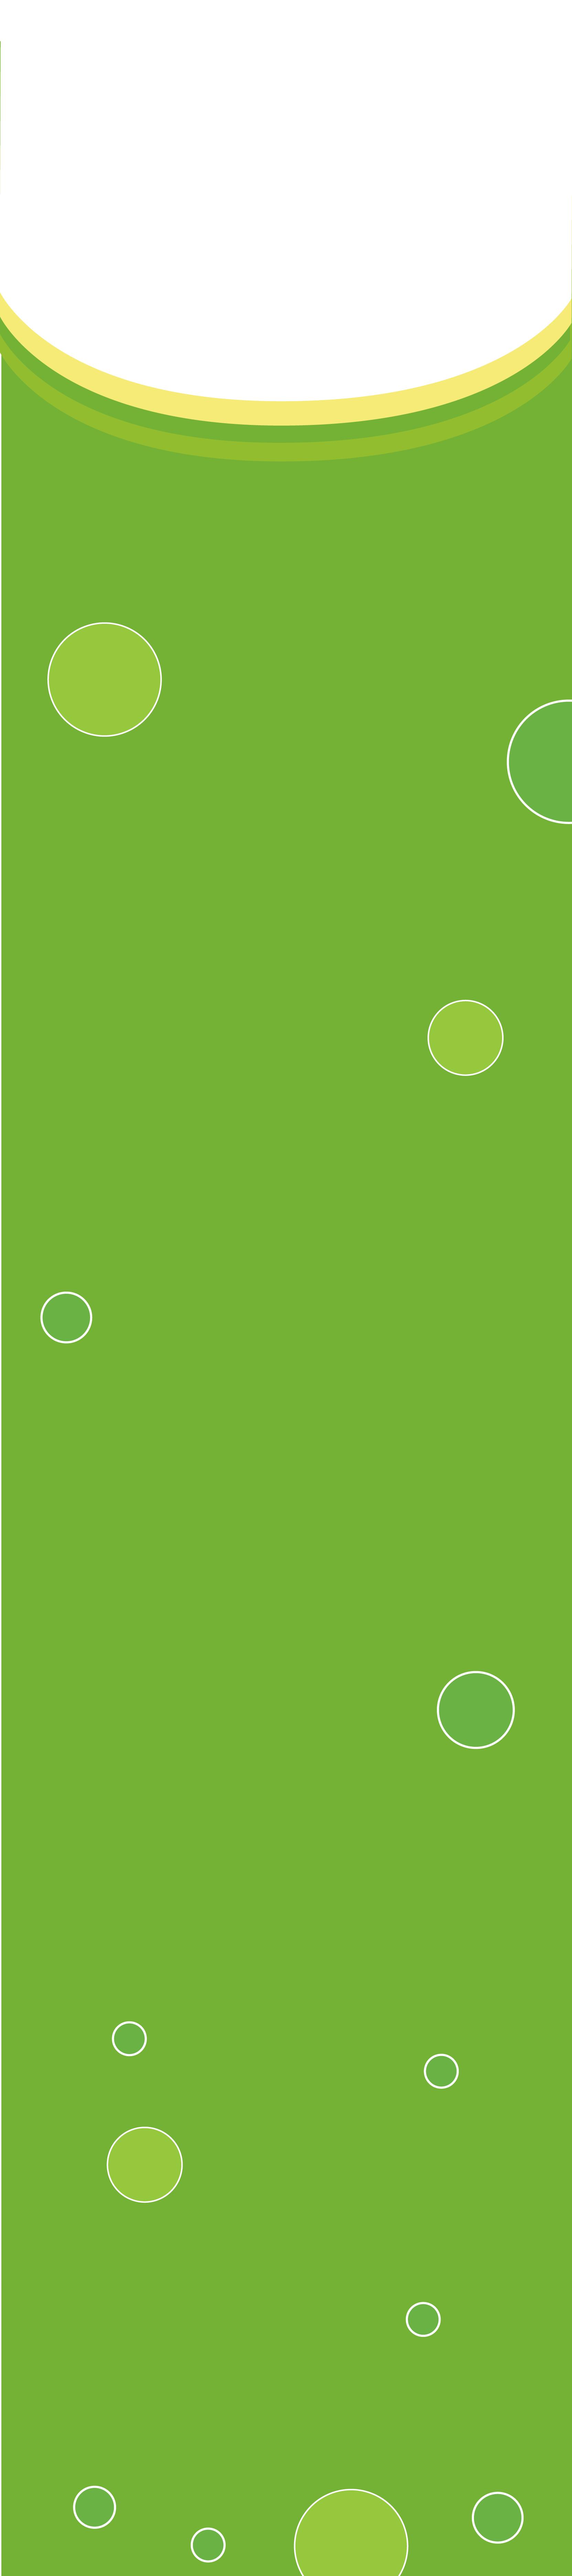 Vertical Banner Beverage (Green) by aplus89 on DeviantArt